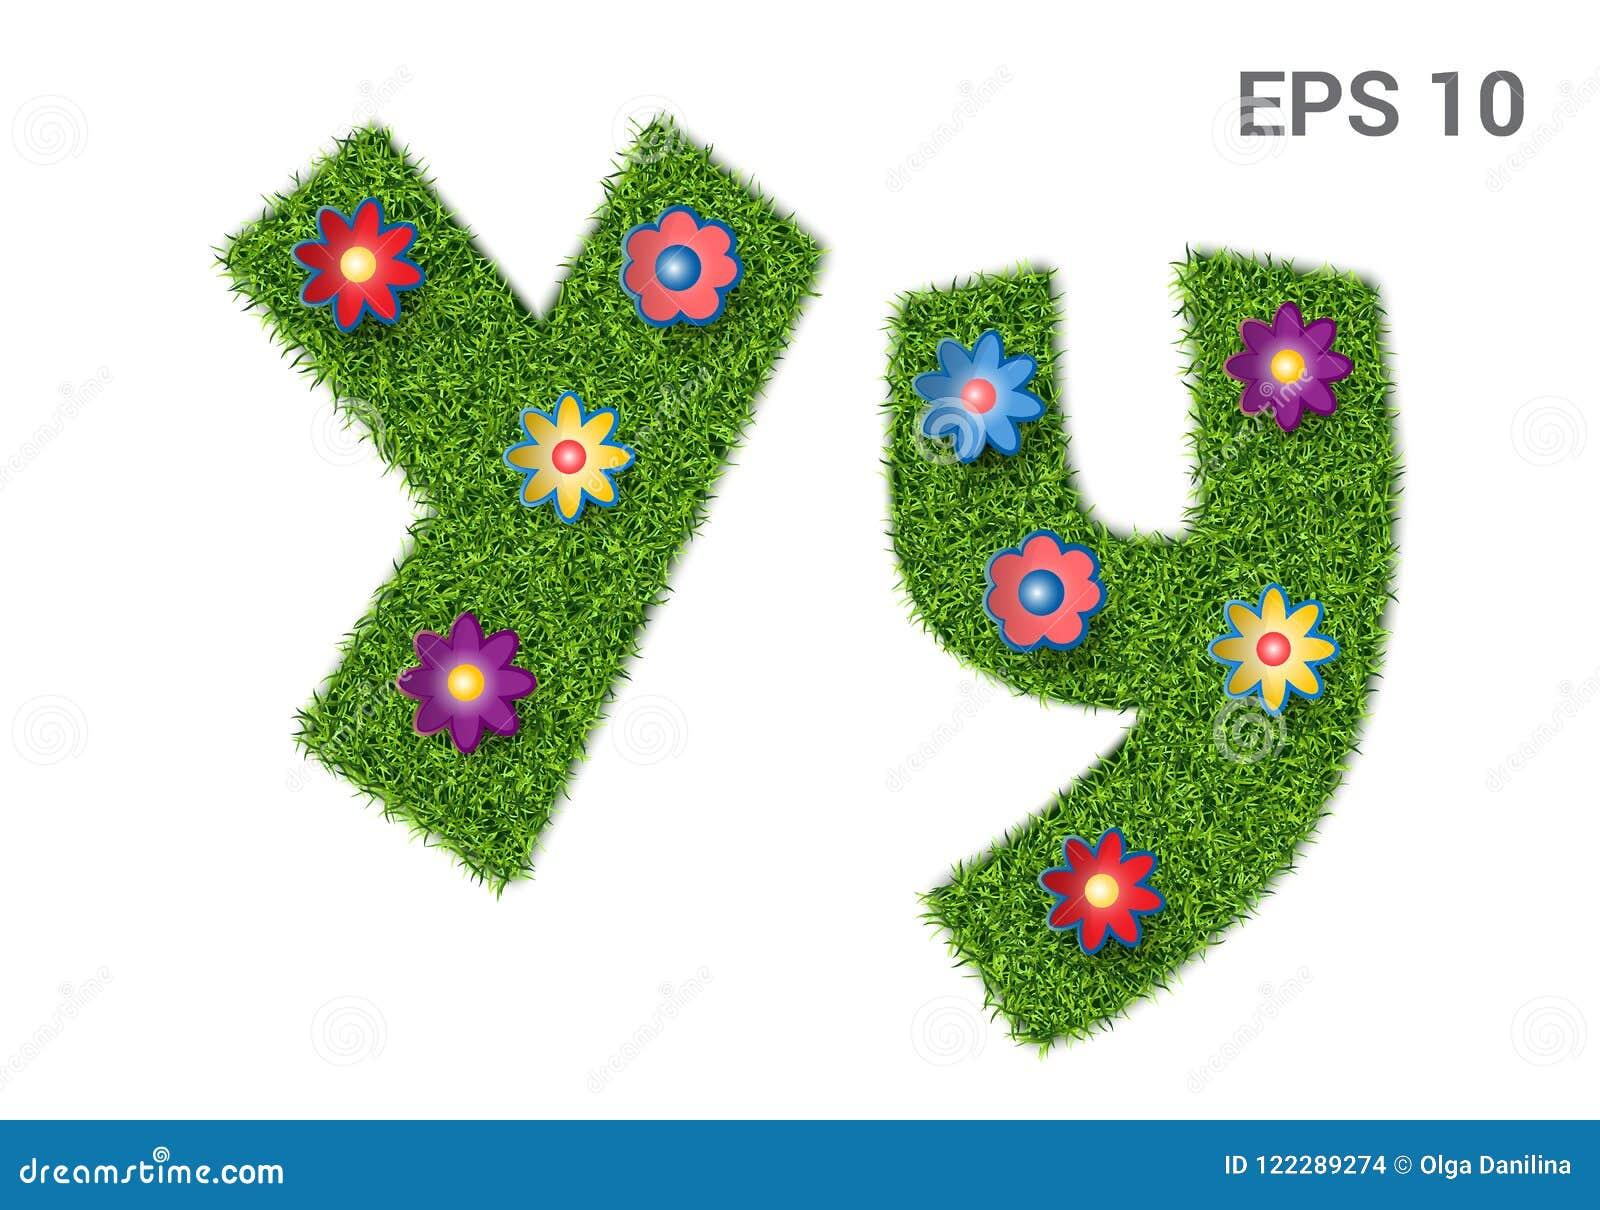 Segni il Yy con lettere con una struttura di erba e dei fiori